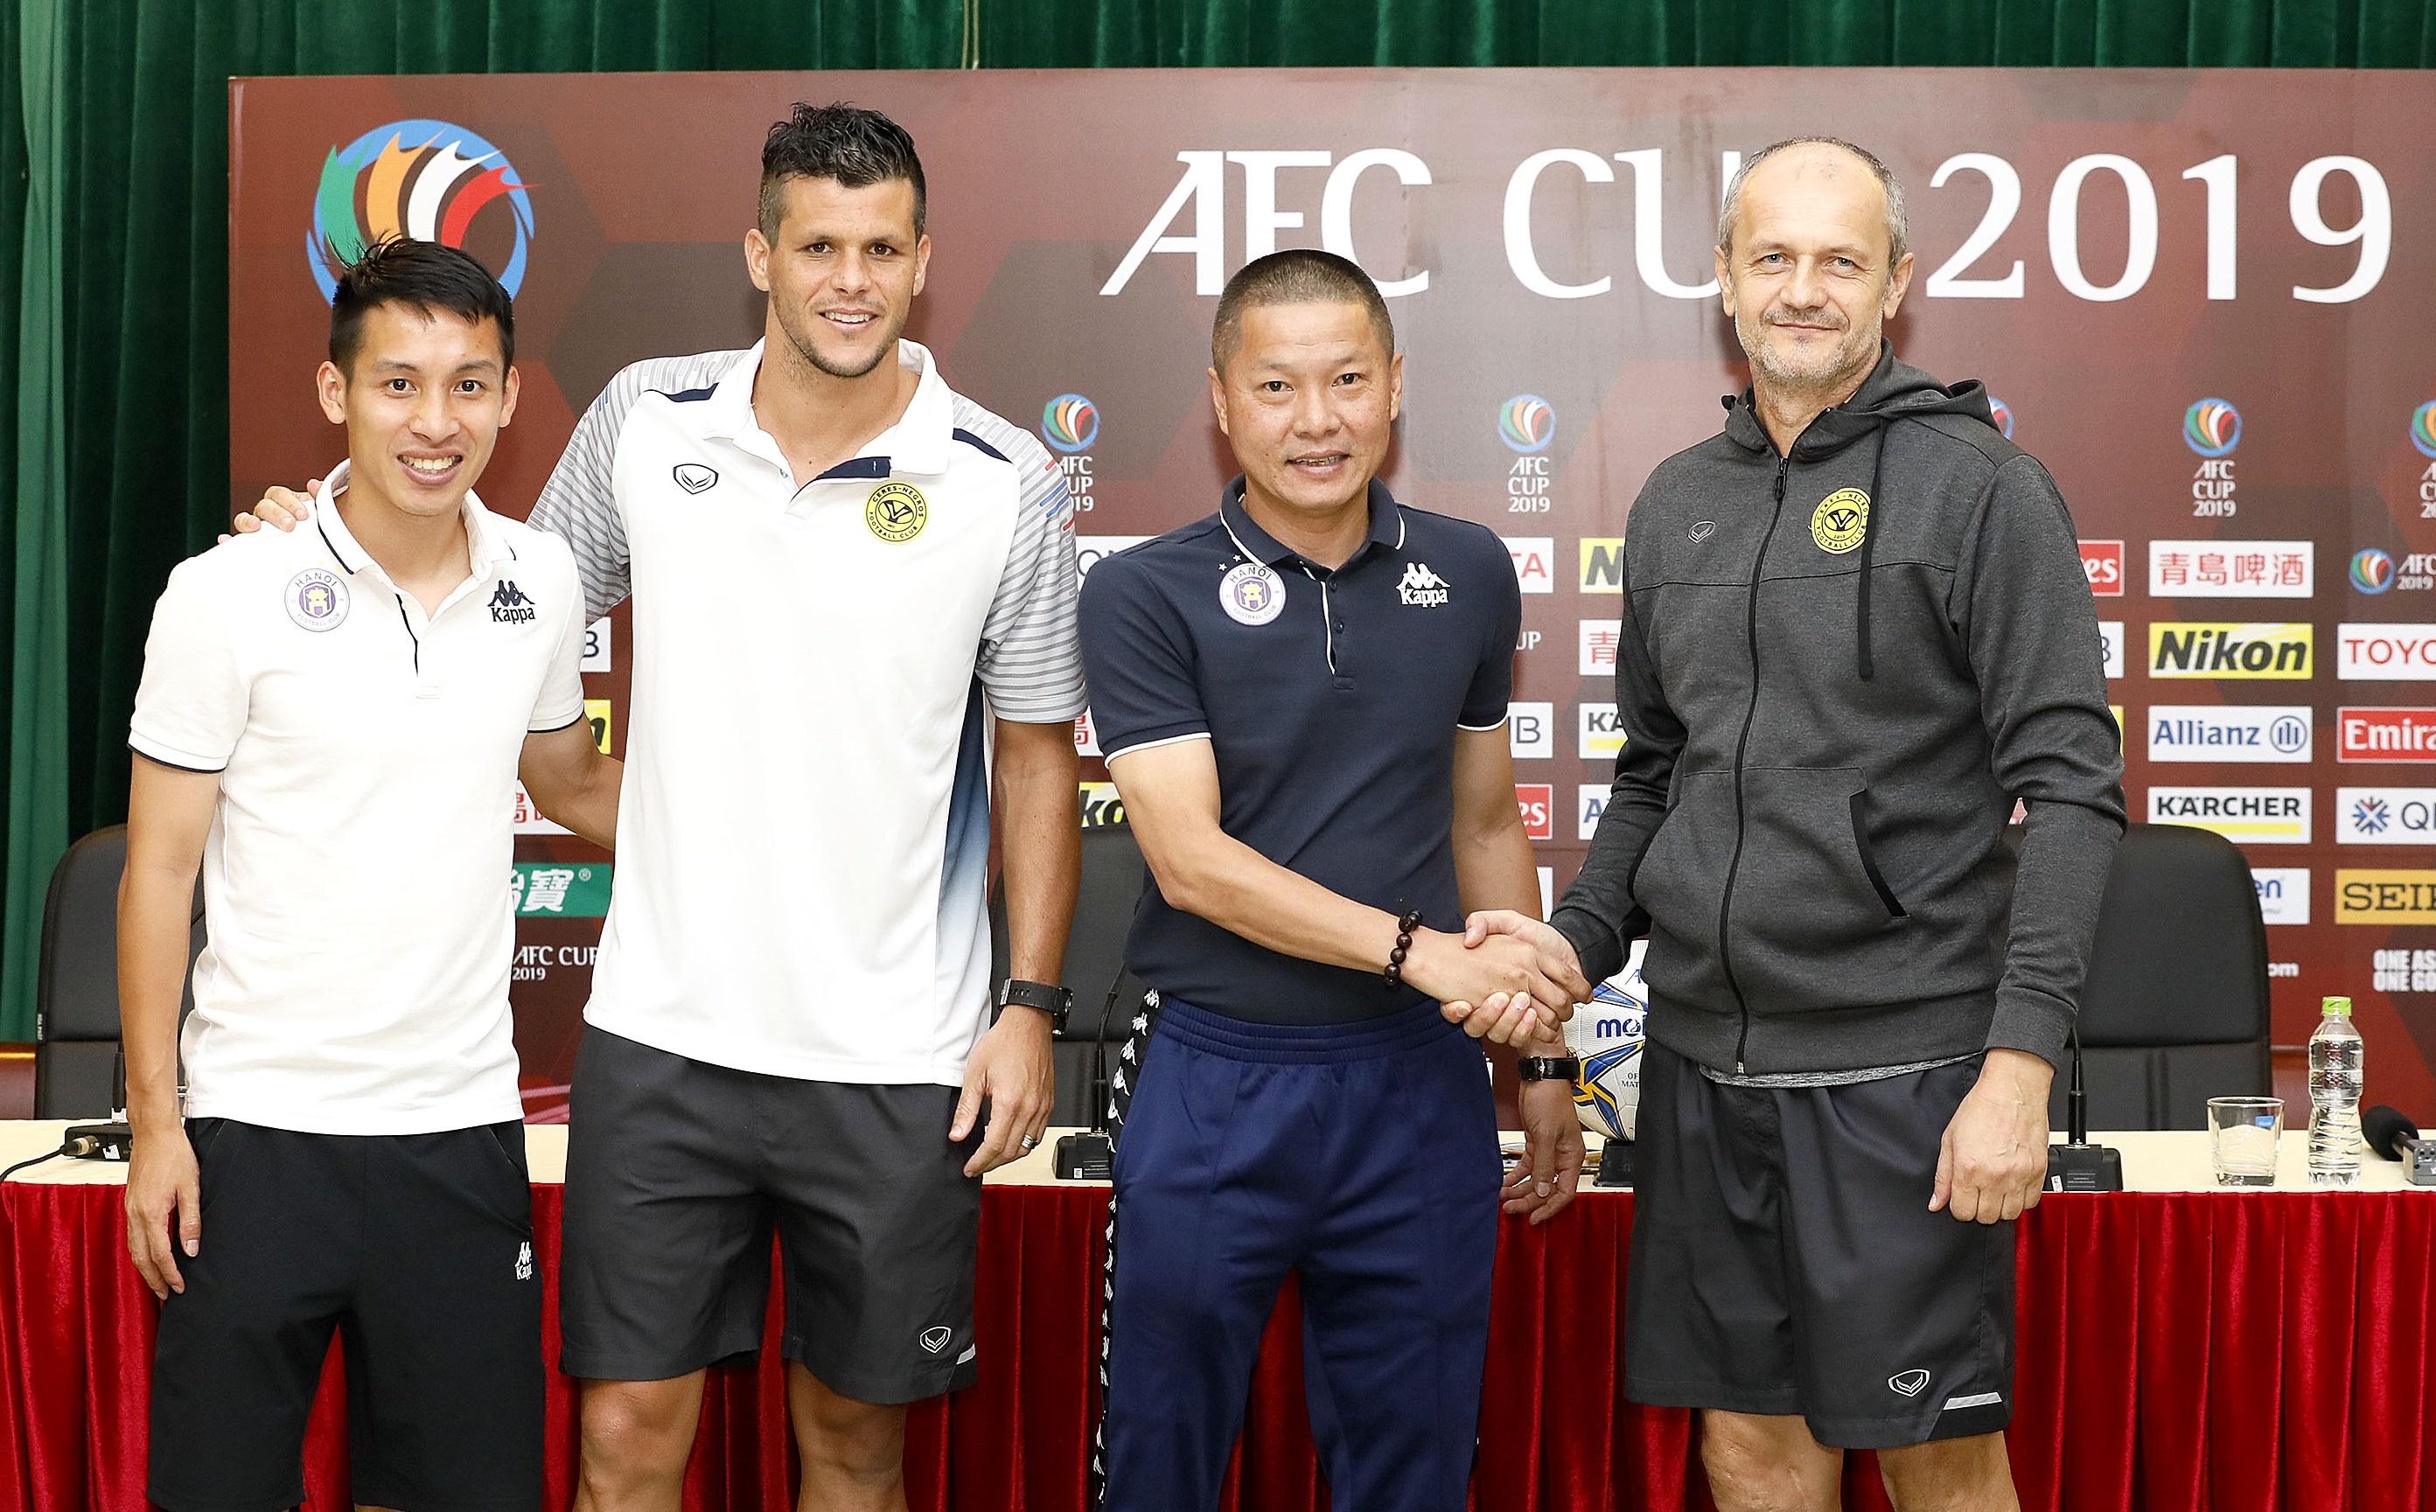 Hà Nội và Ceres Negros quyết tâm cao trước trận bán kết lượt về khu vực Đông Nam Á- AFC Cup 2019